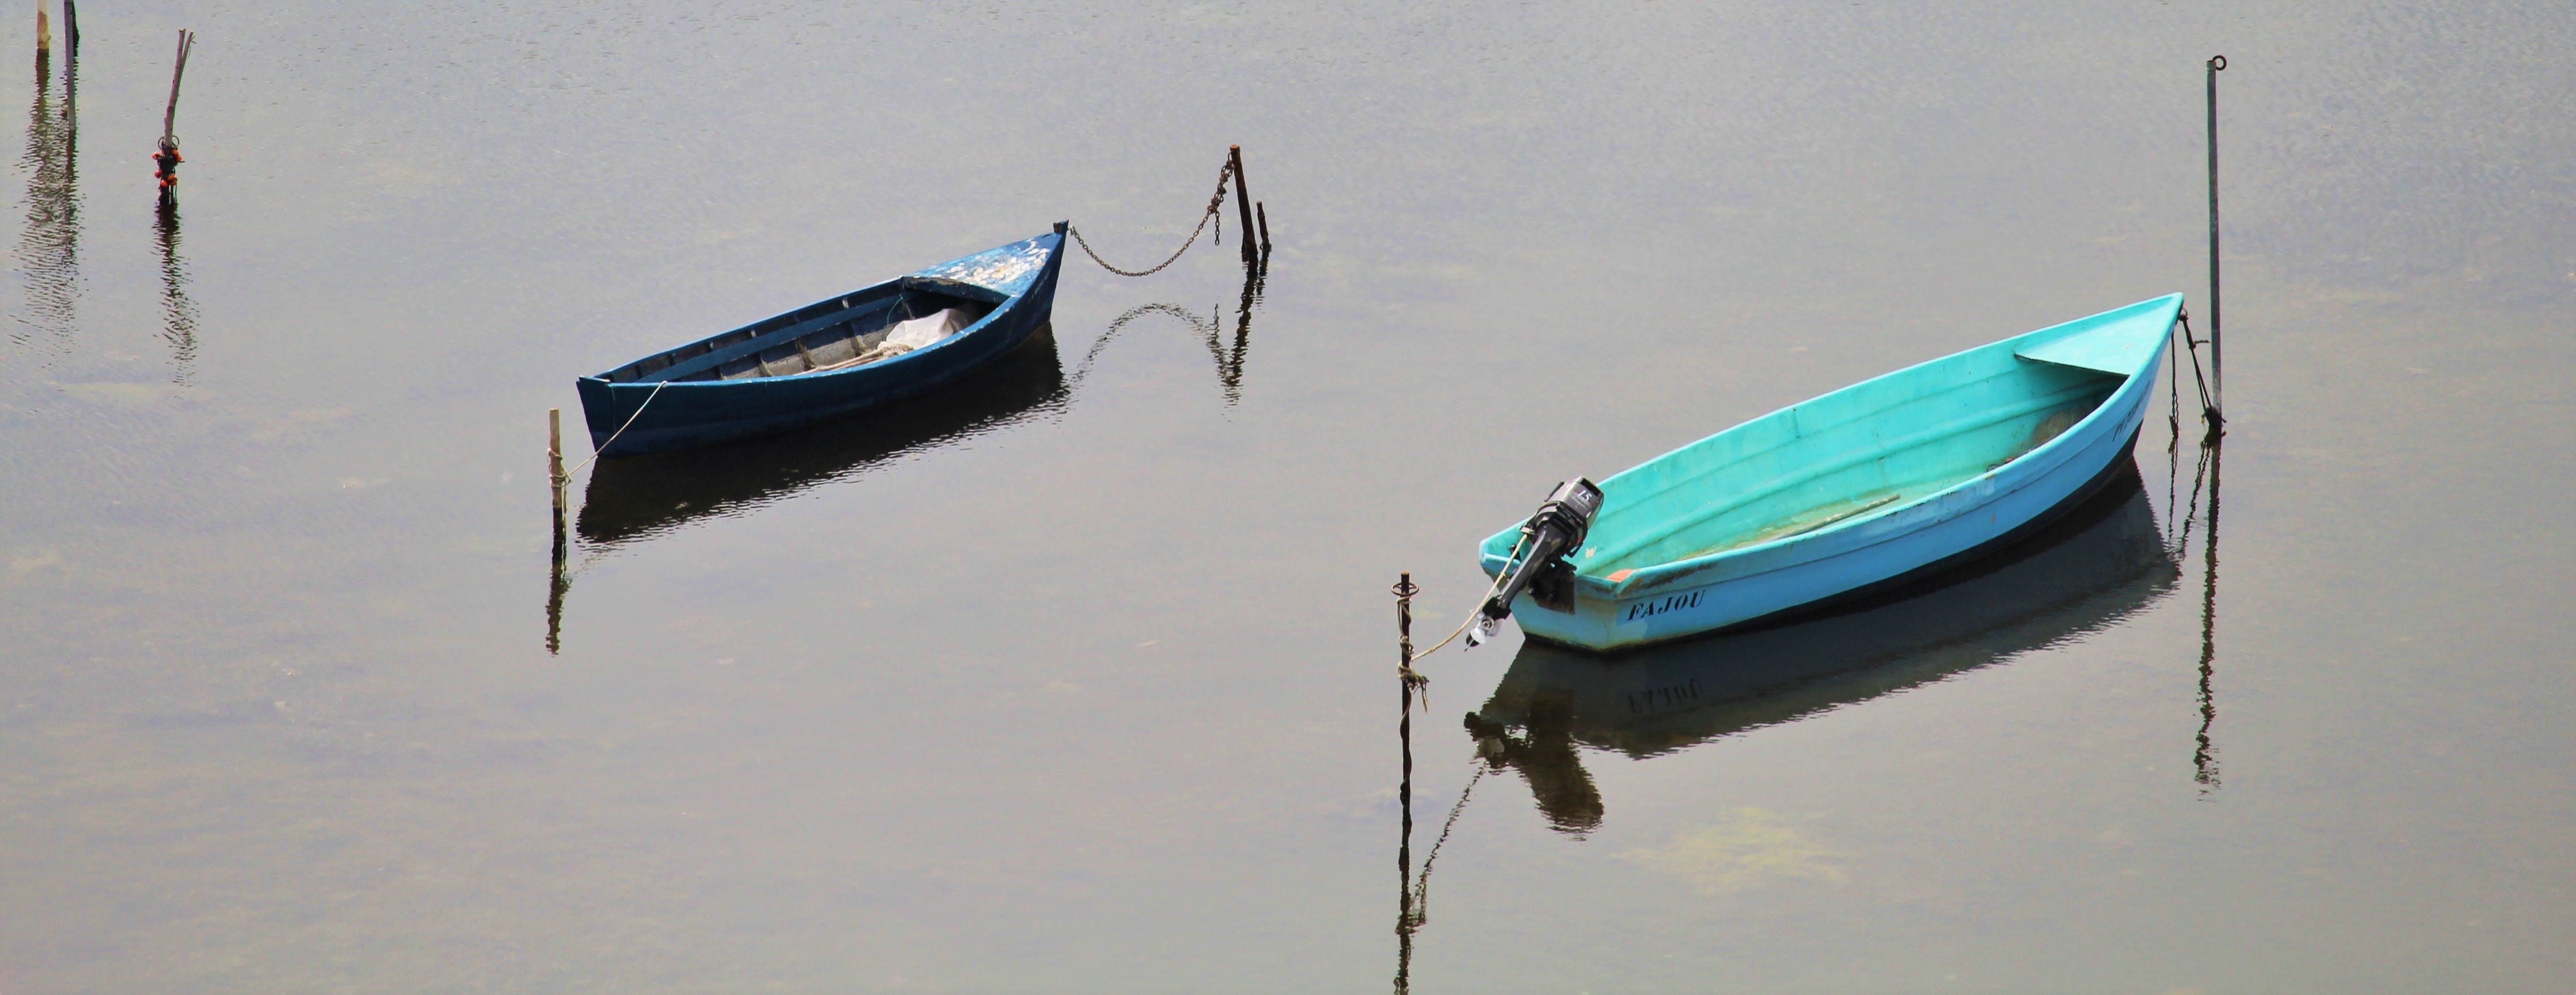 Kostenloses Stock Foto zu angeln, meer, wasser, boote